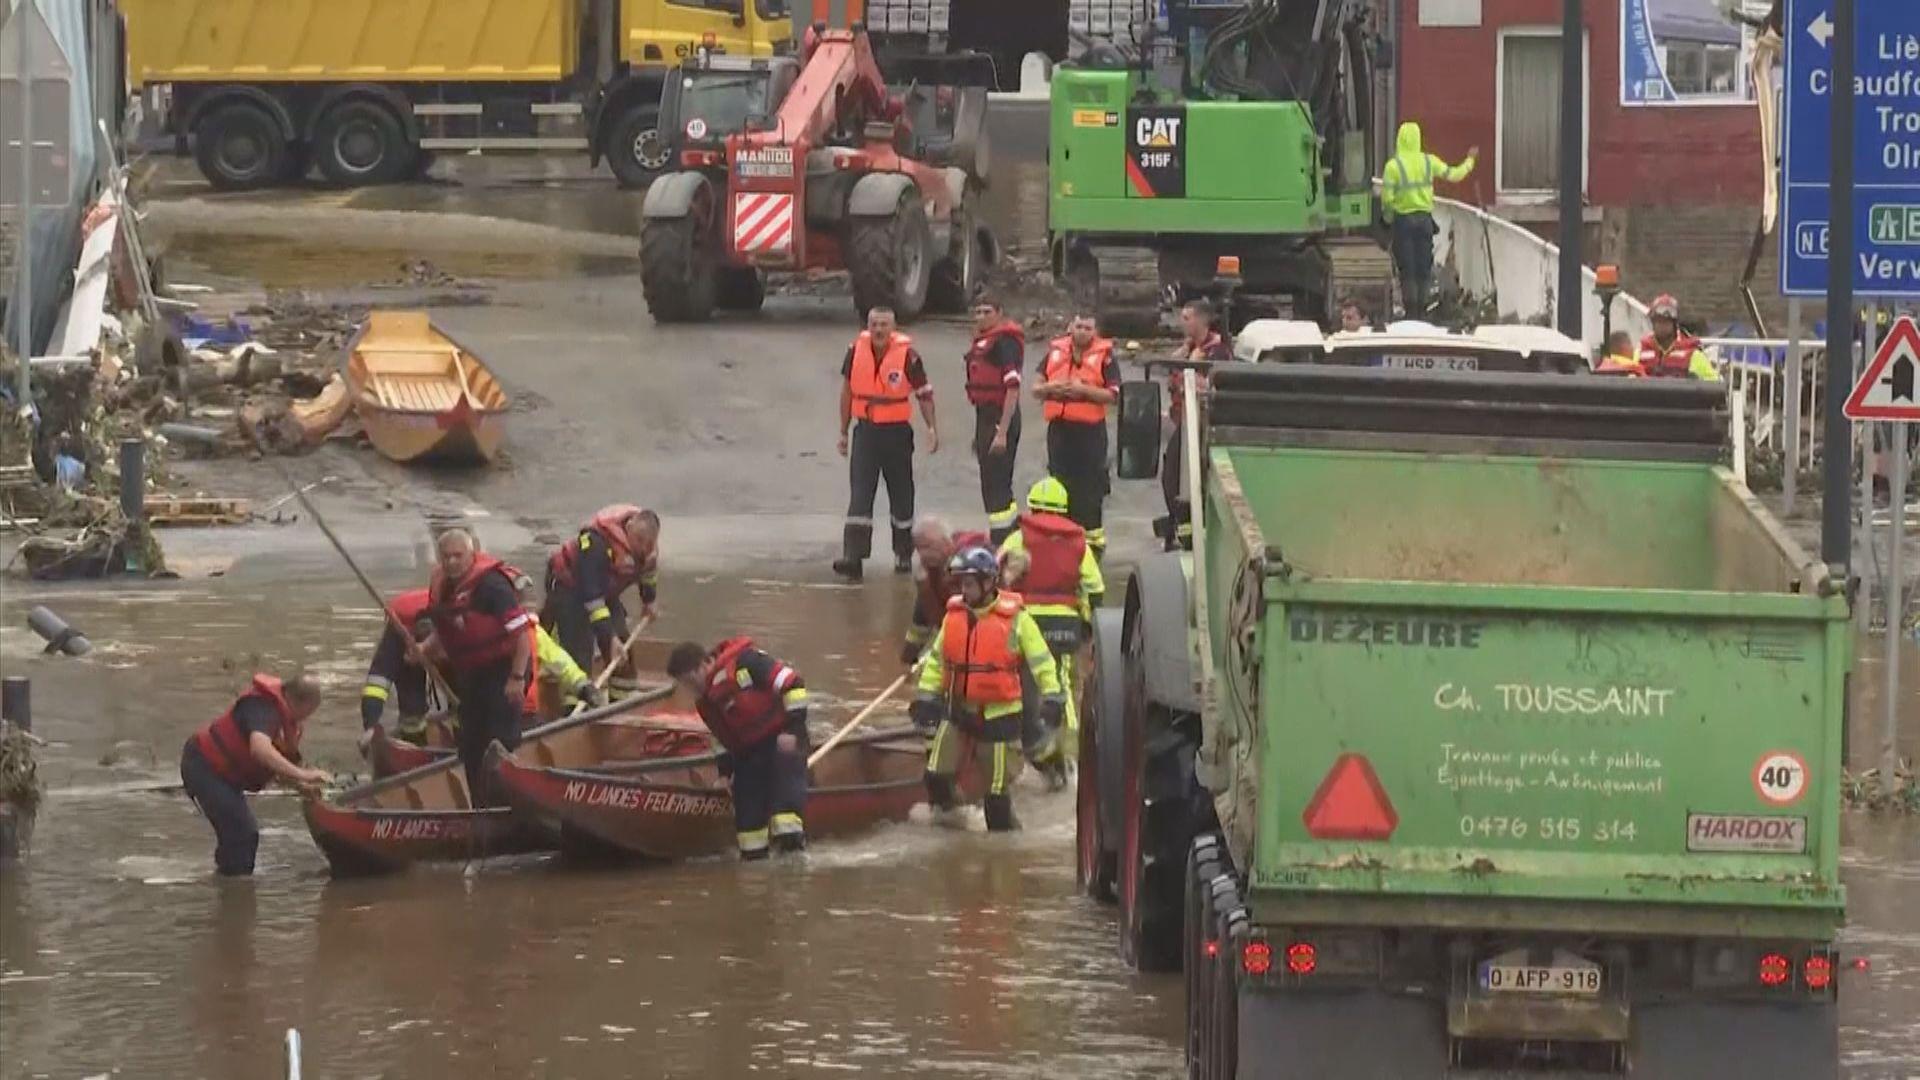 西歐暴雨成災逾150人死亡 德國憂死亡人數續升